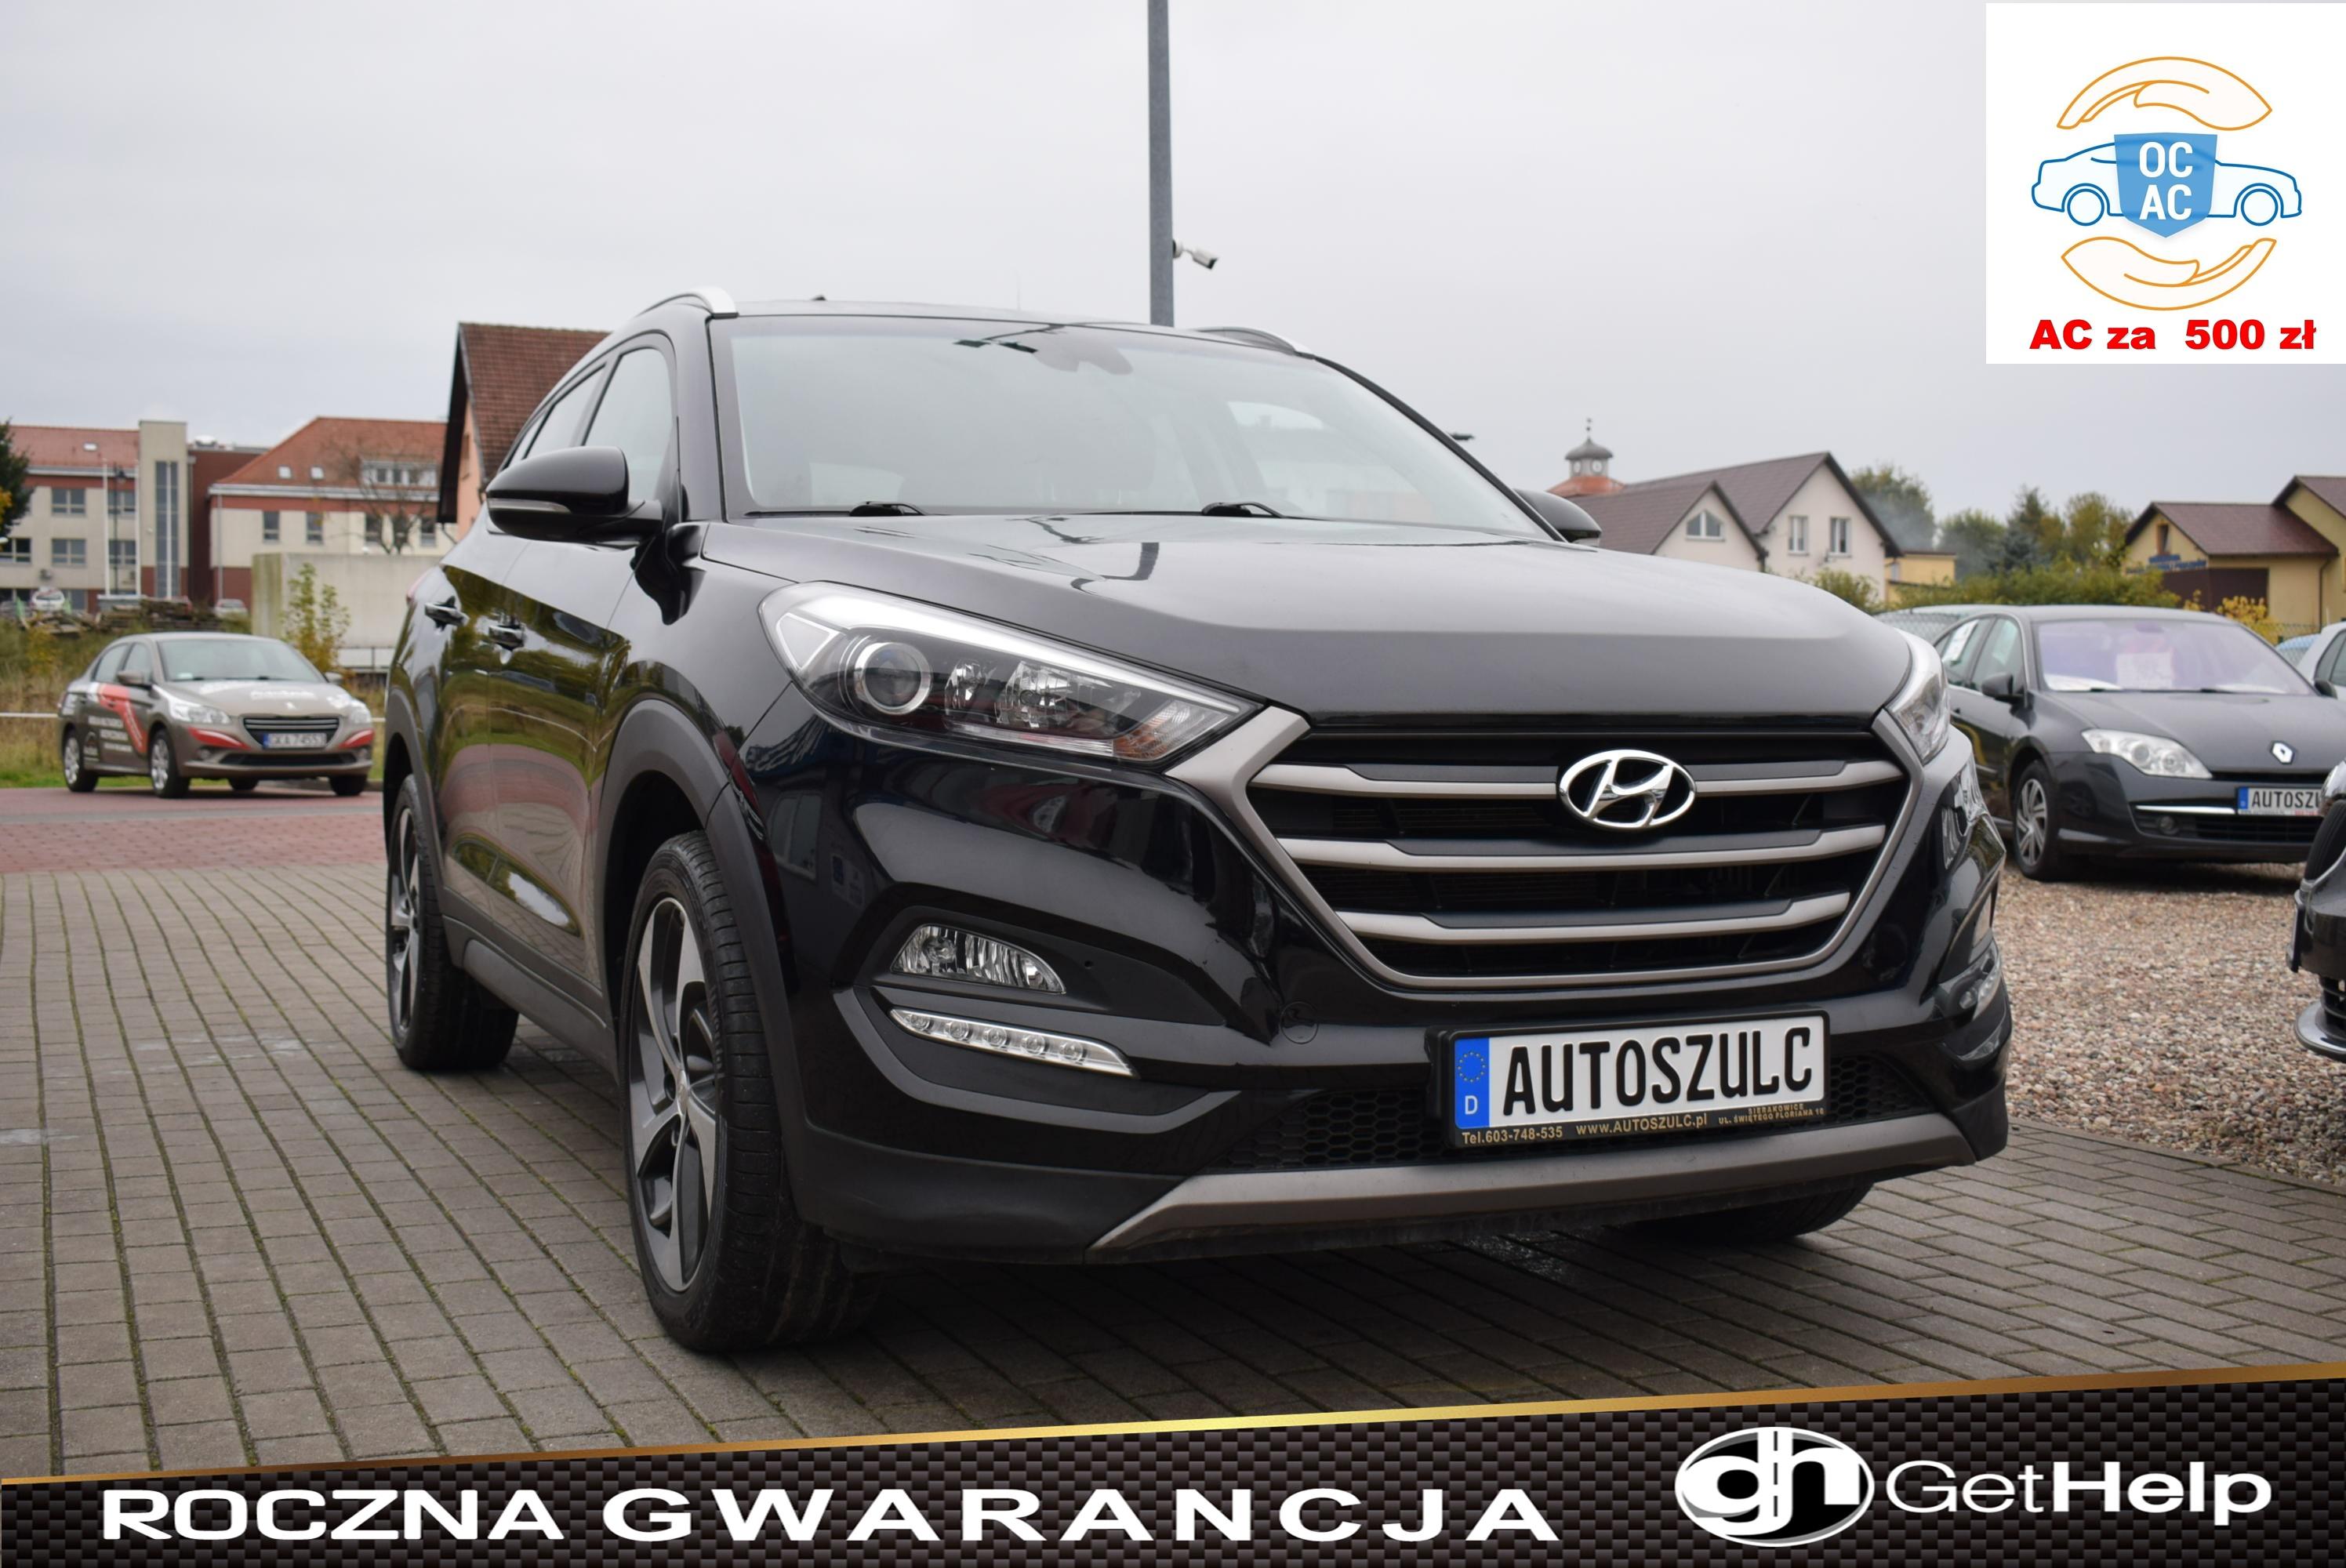 Hyundai Tucson 1.6 Benzyna, Czarny, Bogato wyposażony, Serwisowany, I-Właściciel, Rok Gwarancji